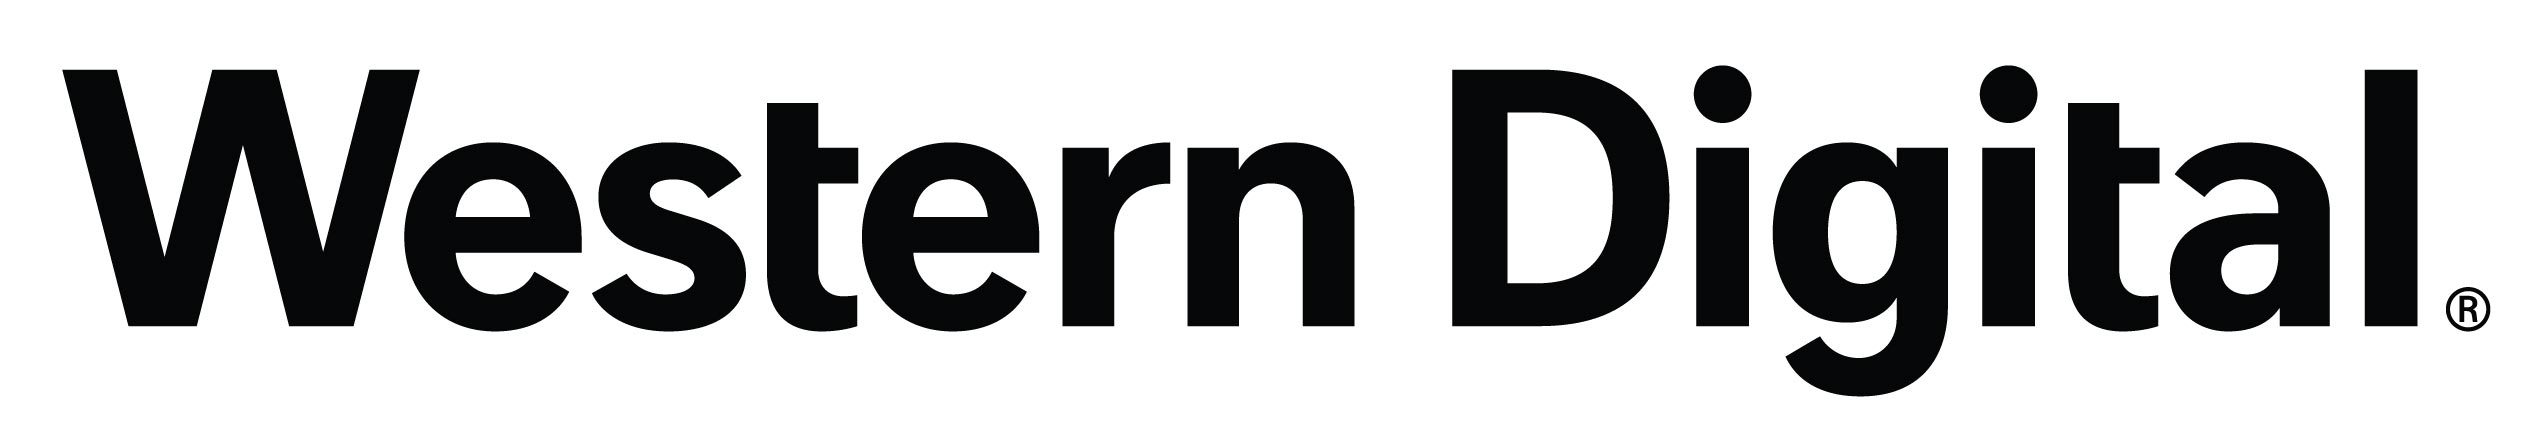 https://mms.businesswire.com/media/20210219005444/es/859958/5/WesternDigital_Logo_1L_RGB_B.jpg